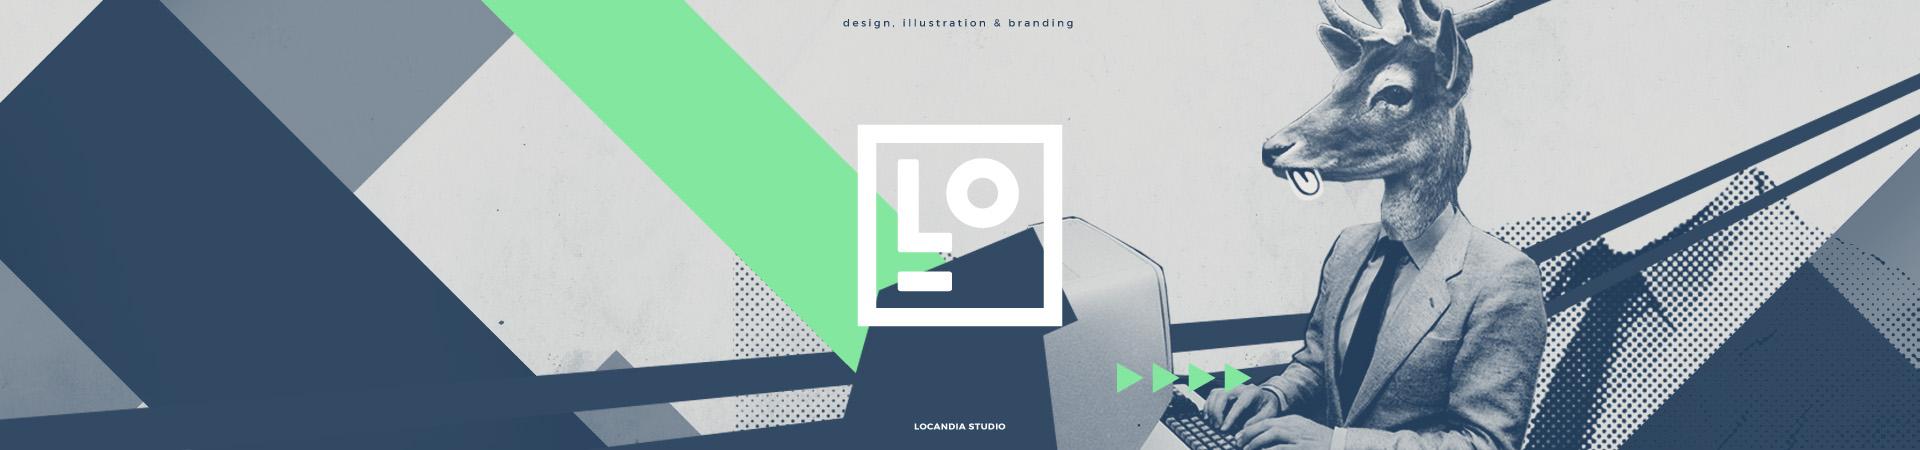 Locandia Estudio. Diseño, Ilustración y Branding